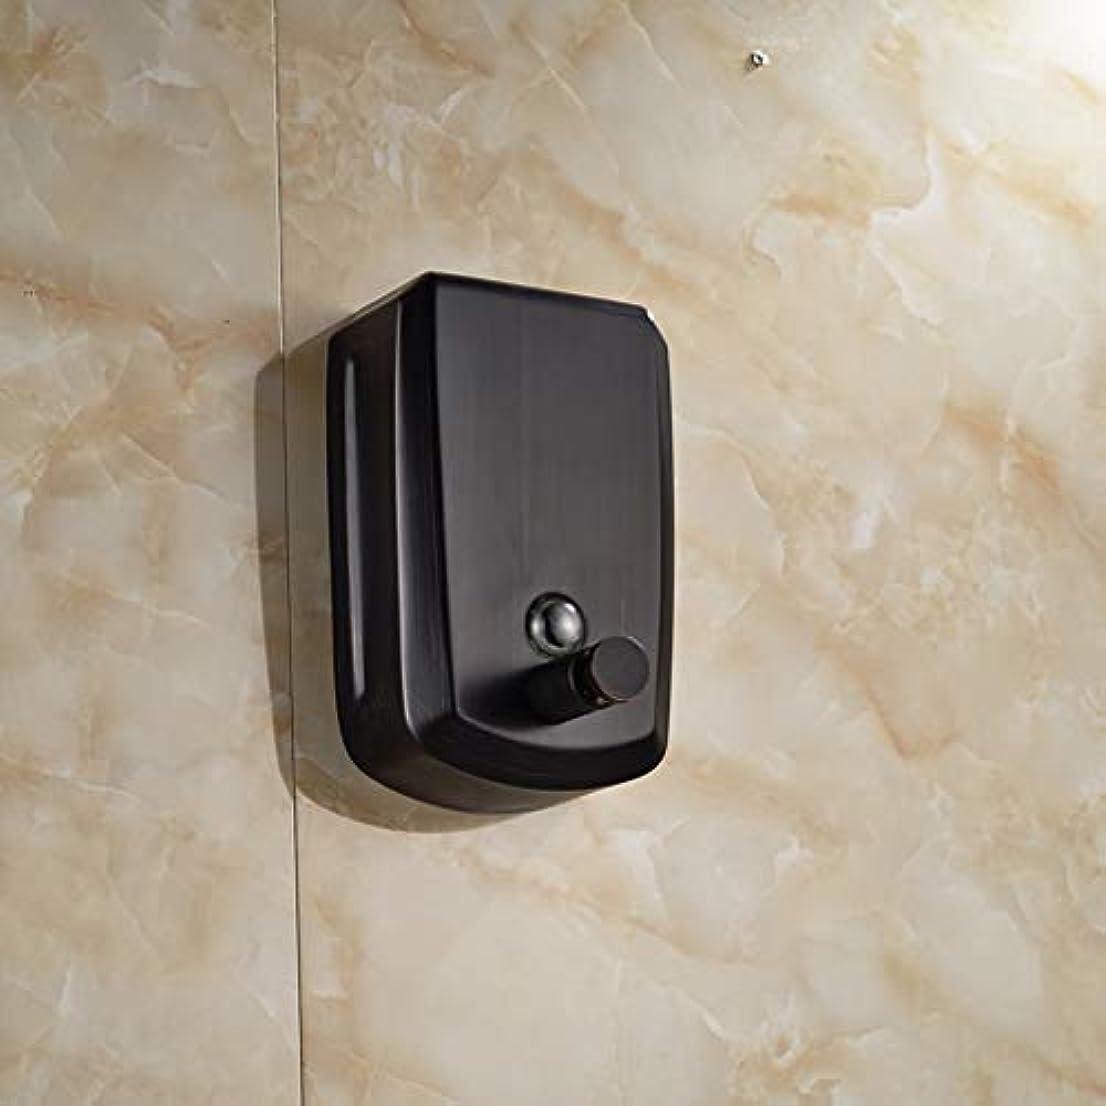 キャンディー最後に青写真LUDSUY Oil Rubbed Bronze 800ml Bathroom Soap Dispenser Liquid Soap Pump Lotion DispenserBathroom accessories